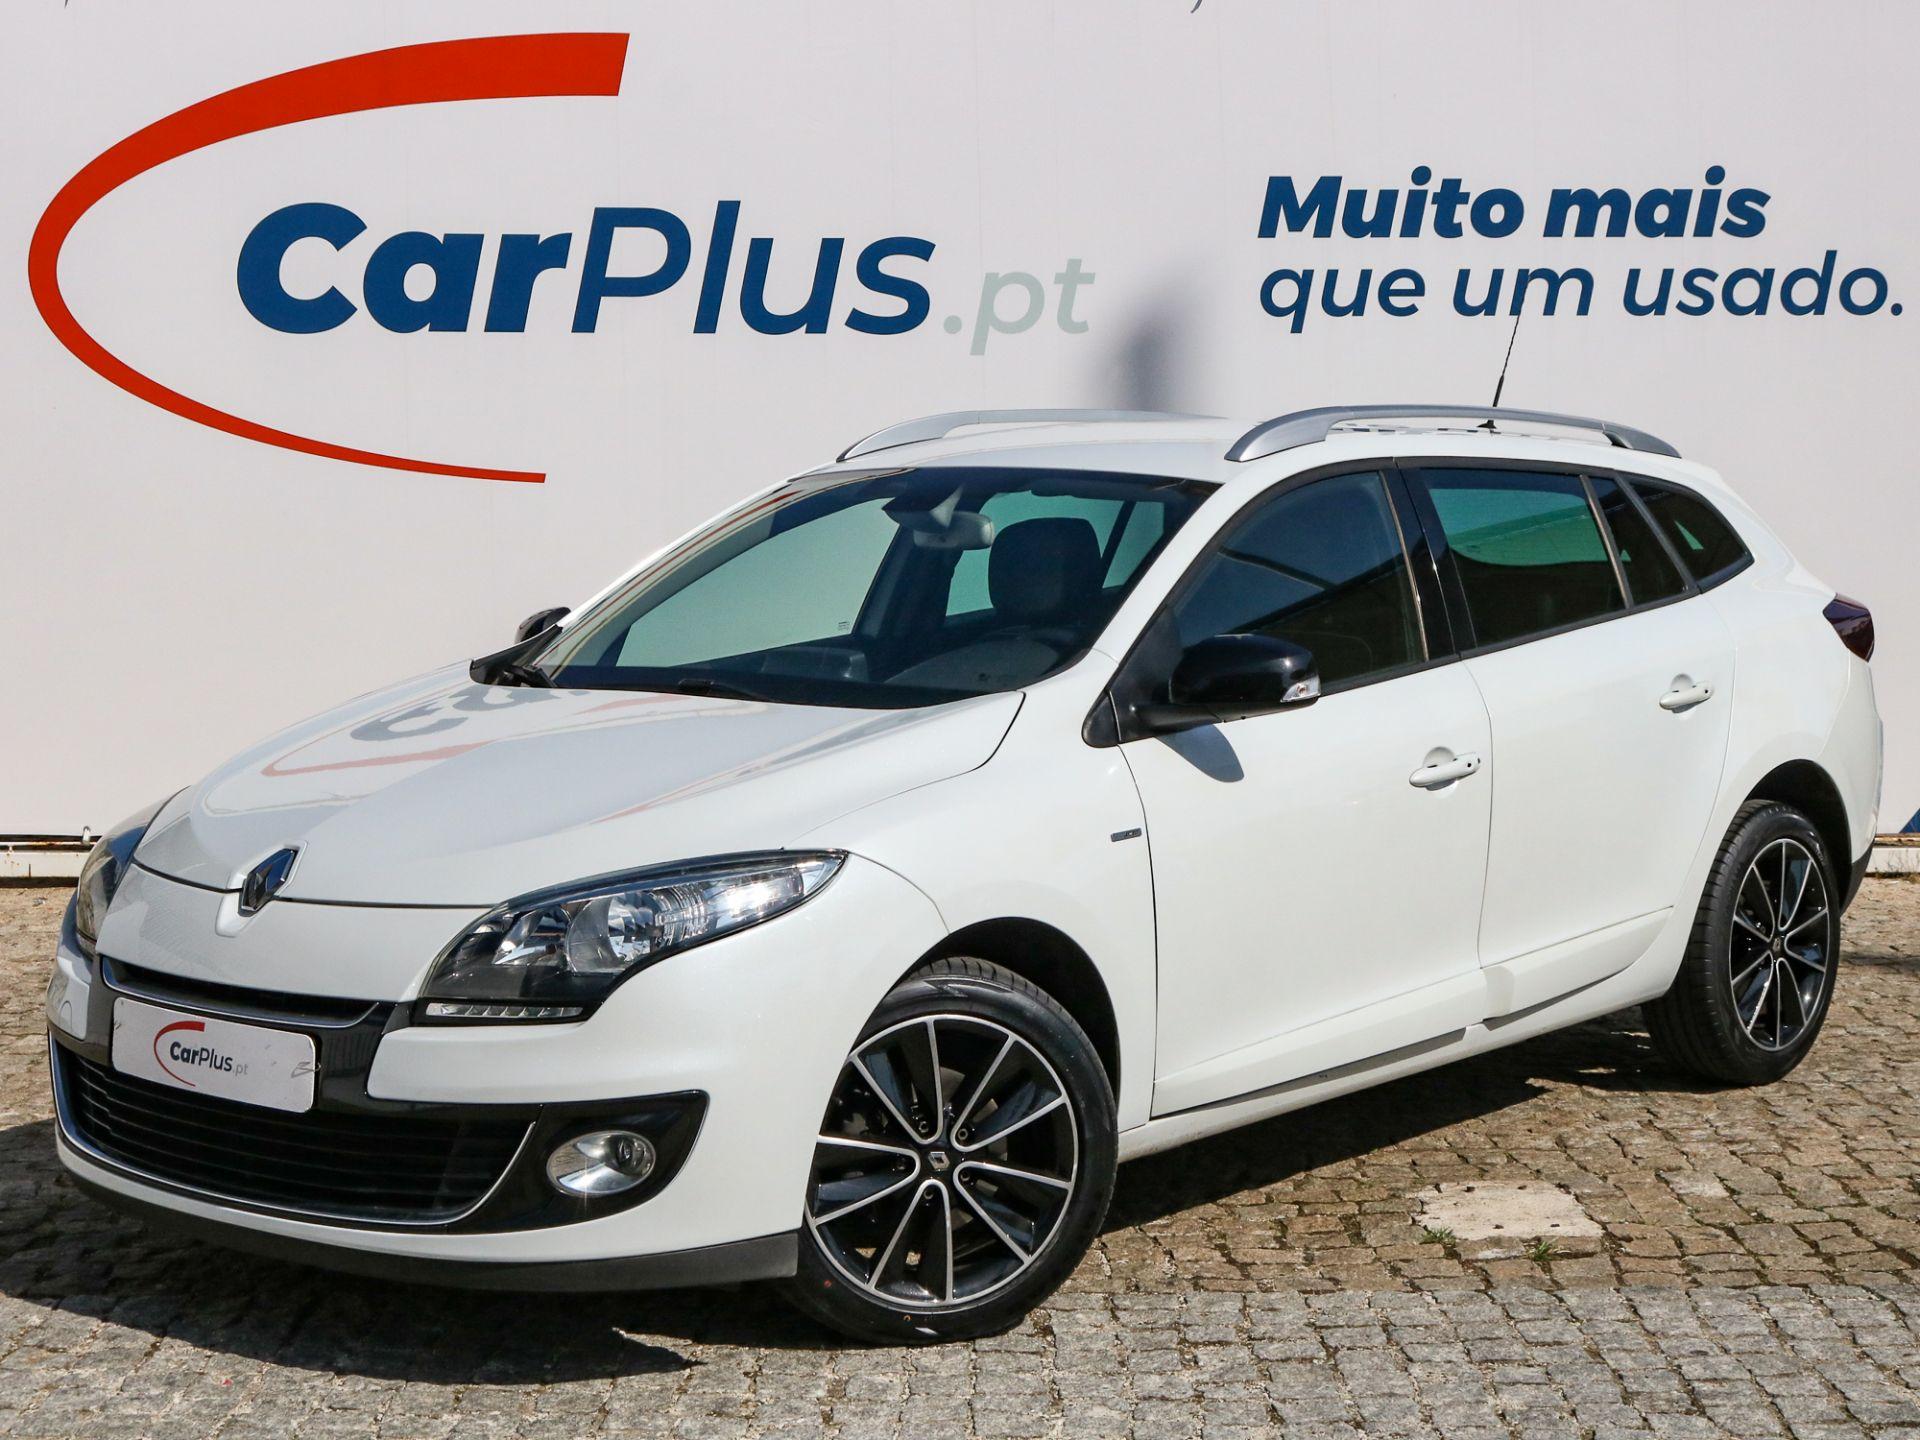 Renault Megane ST 1.6dCi 130cv Bose Edition segunda mão Lisboa